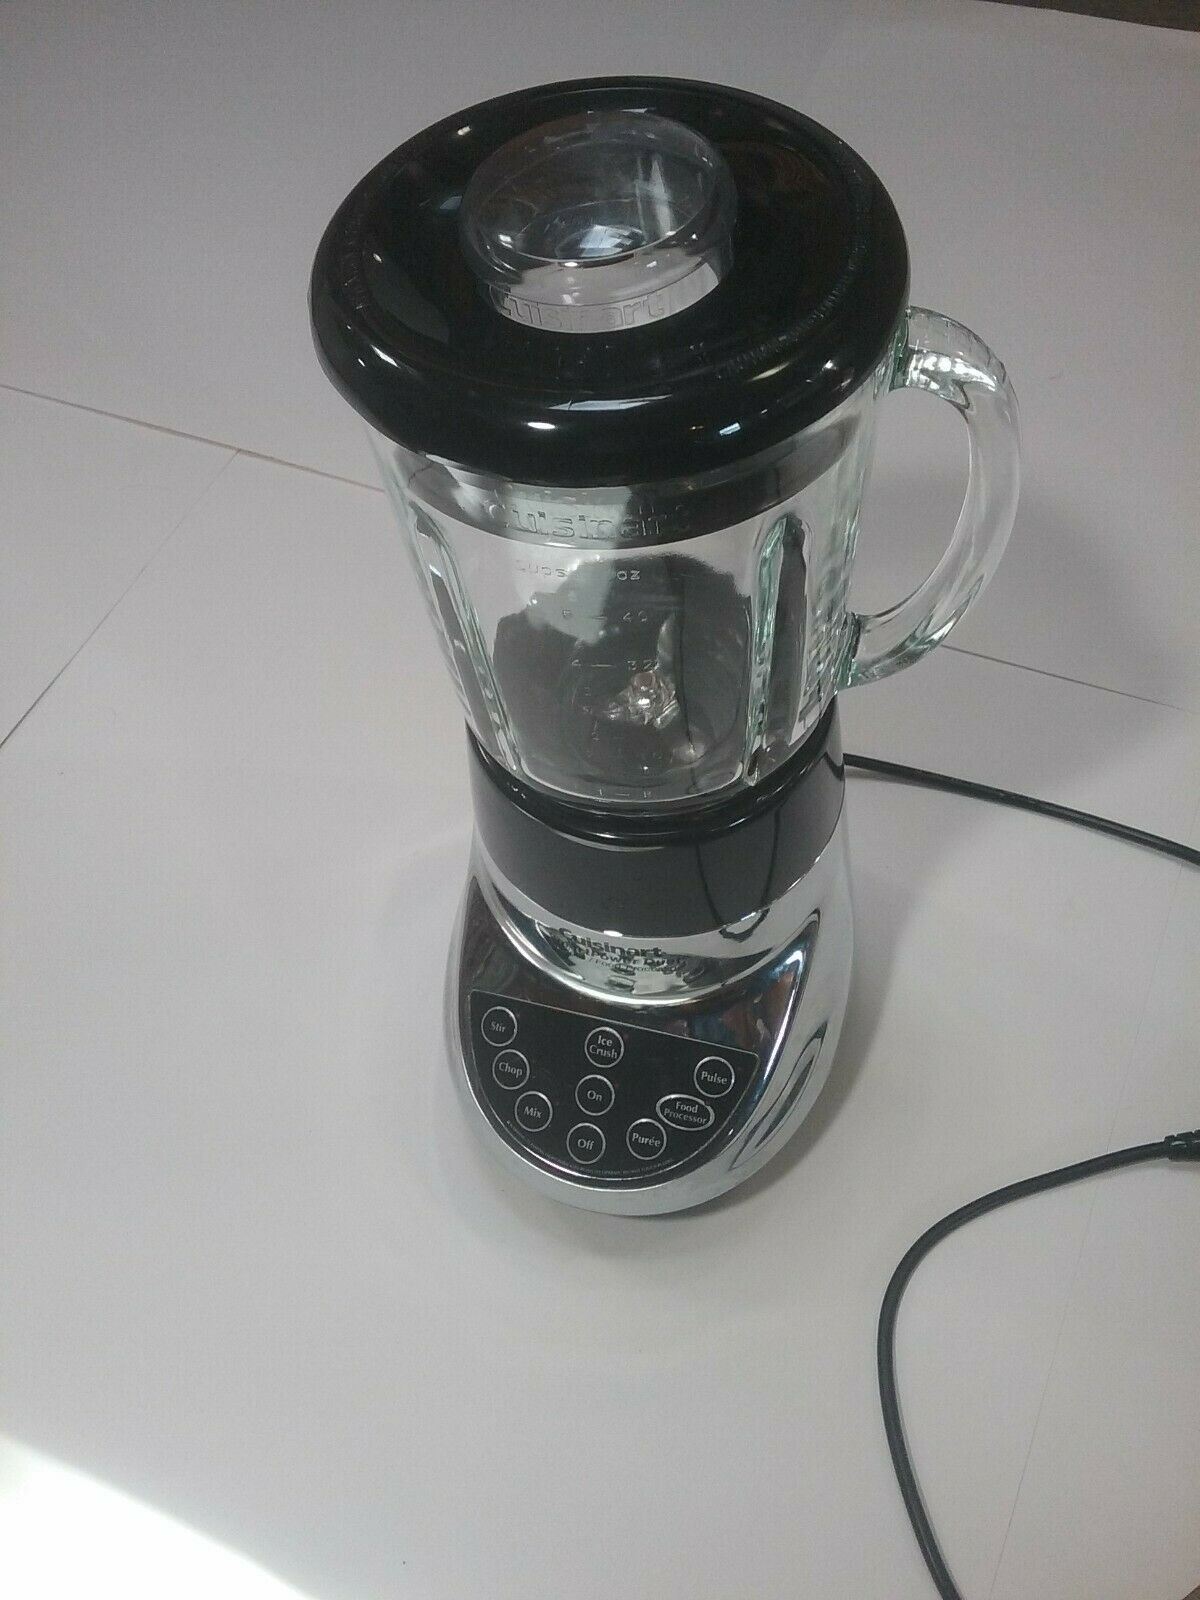 Cuisinart Smart Power Duet Blender Food Processor Bfp 703 Series Black Blender Blenders Ideas Of Blenders Blenders In 2020